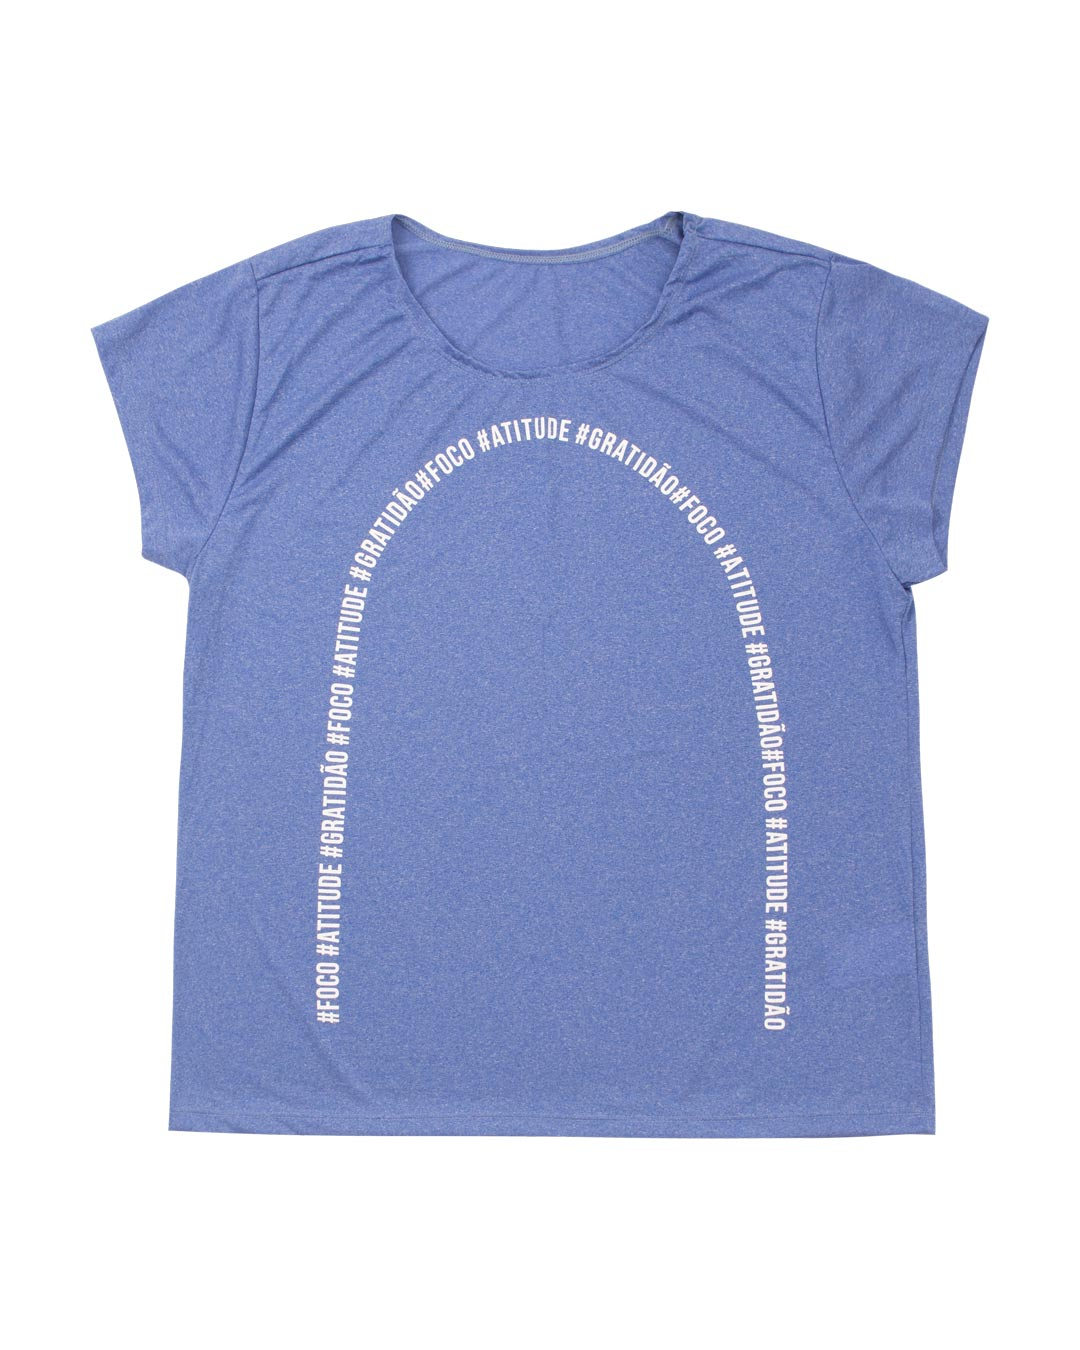 Blusa Plus Size Sport Dry #Foco #Atitude #Gratidão - Movimente-se